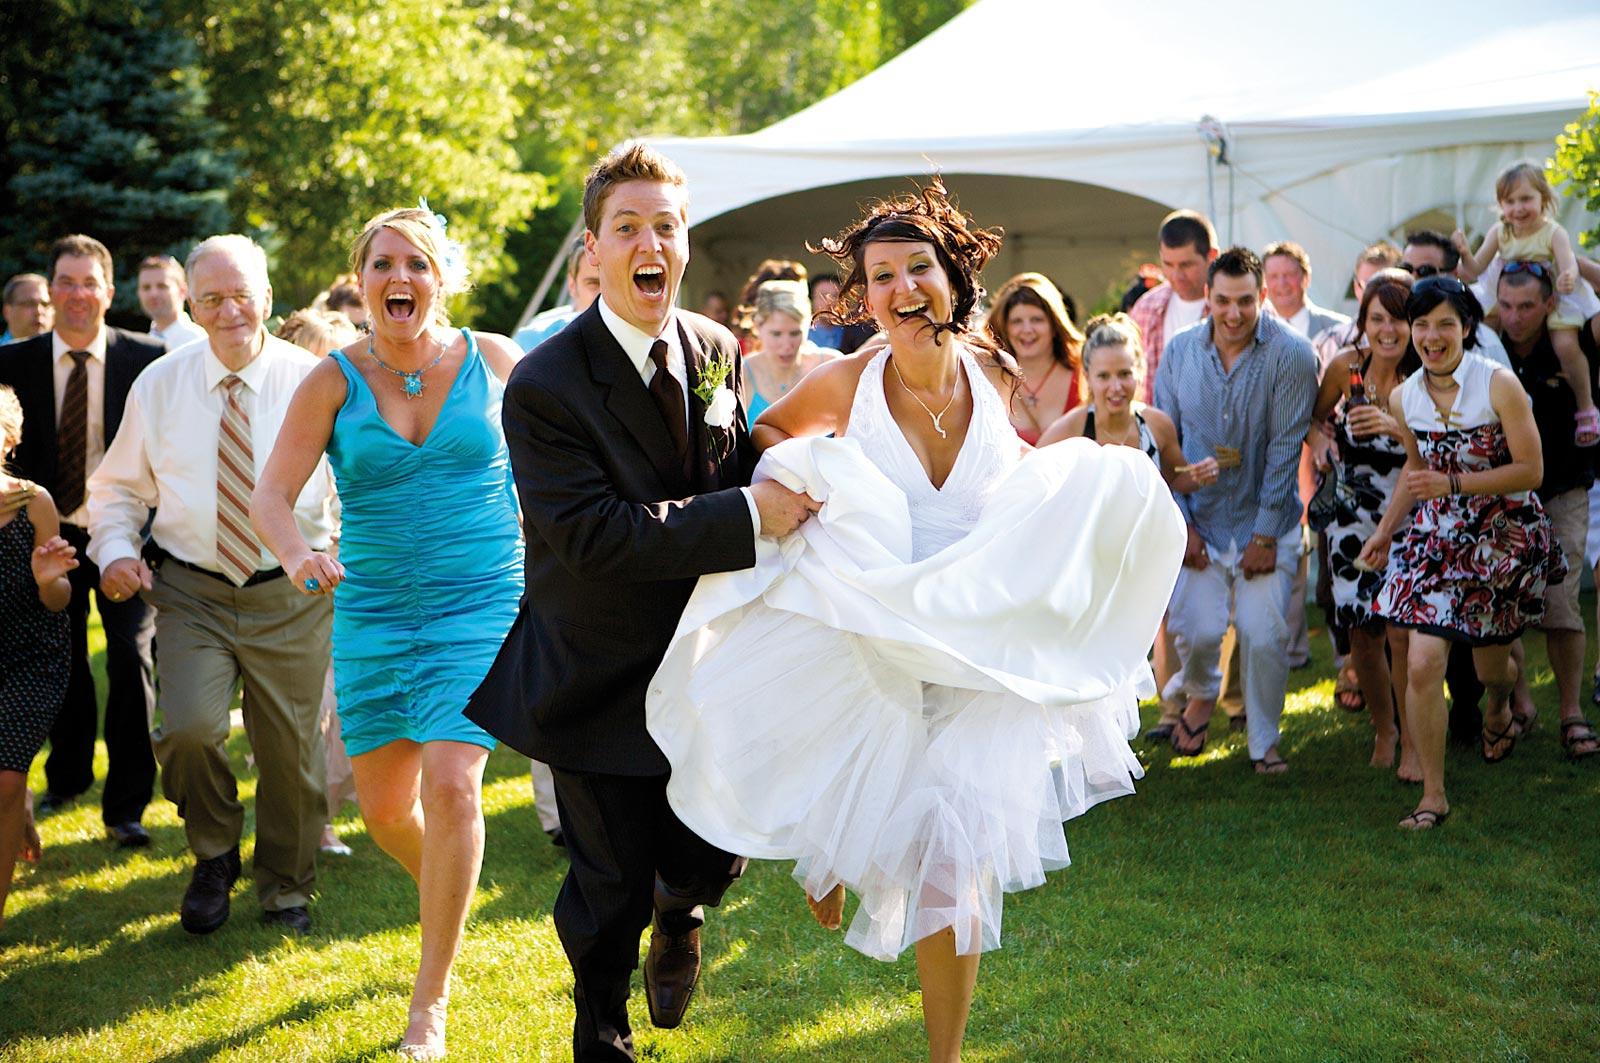 Конкурсы для гостей сделают свадьбу смешной и интересной